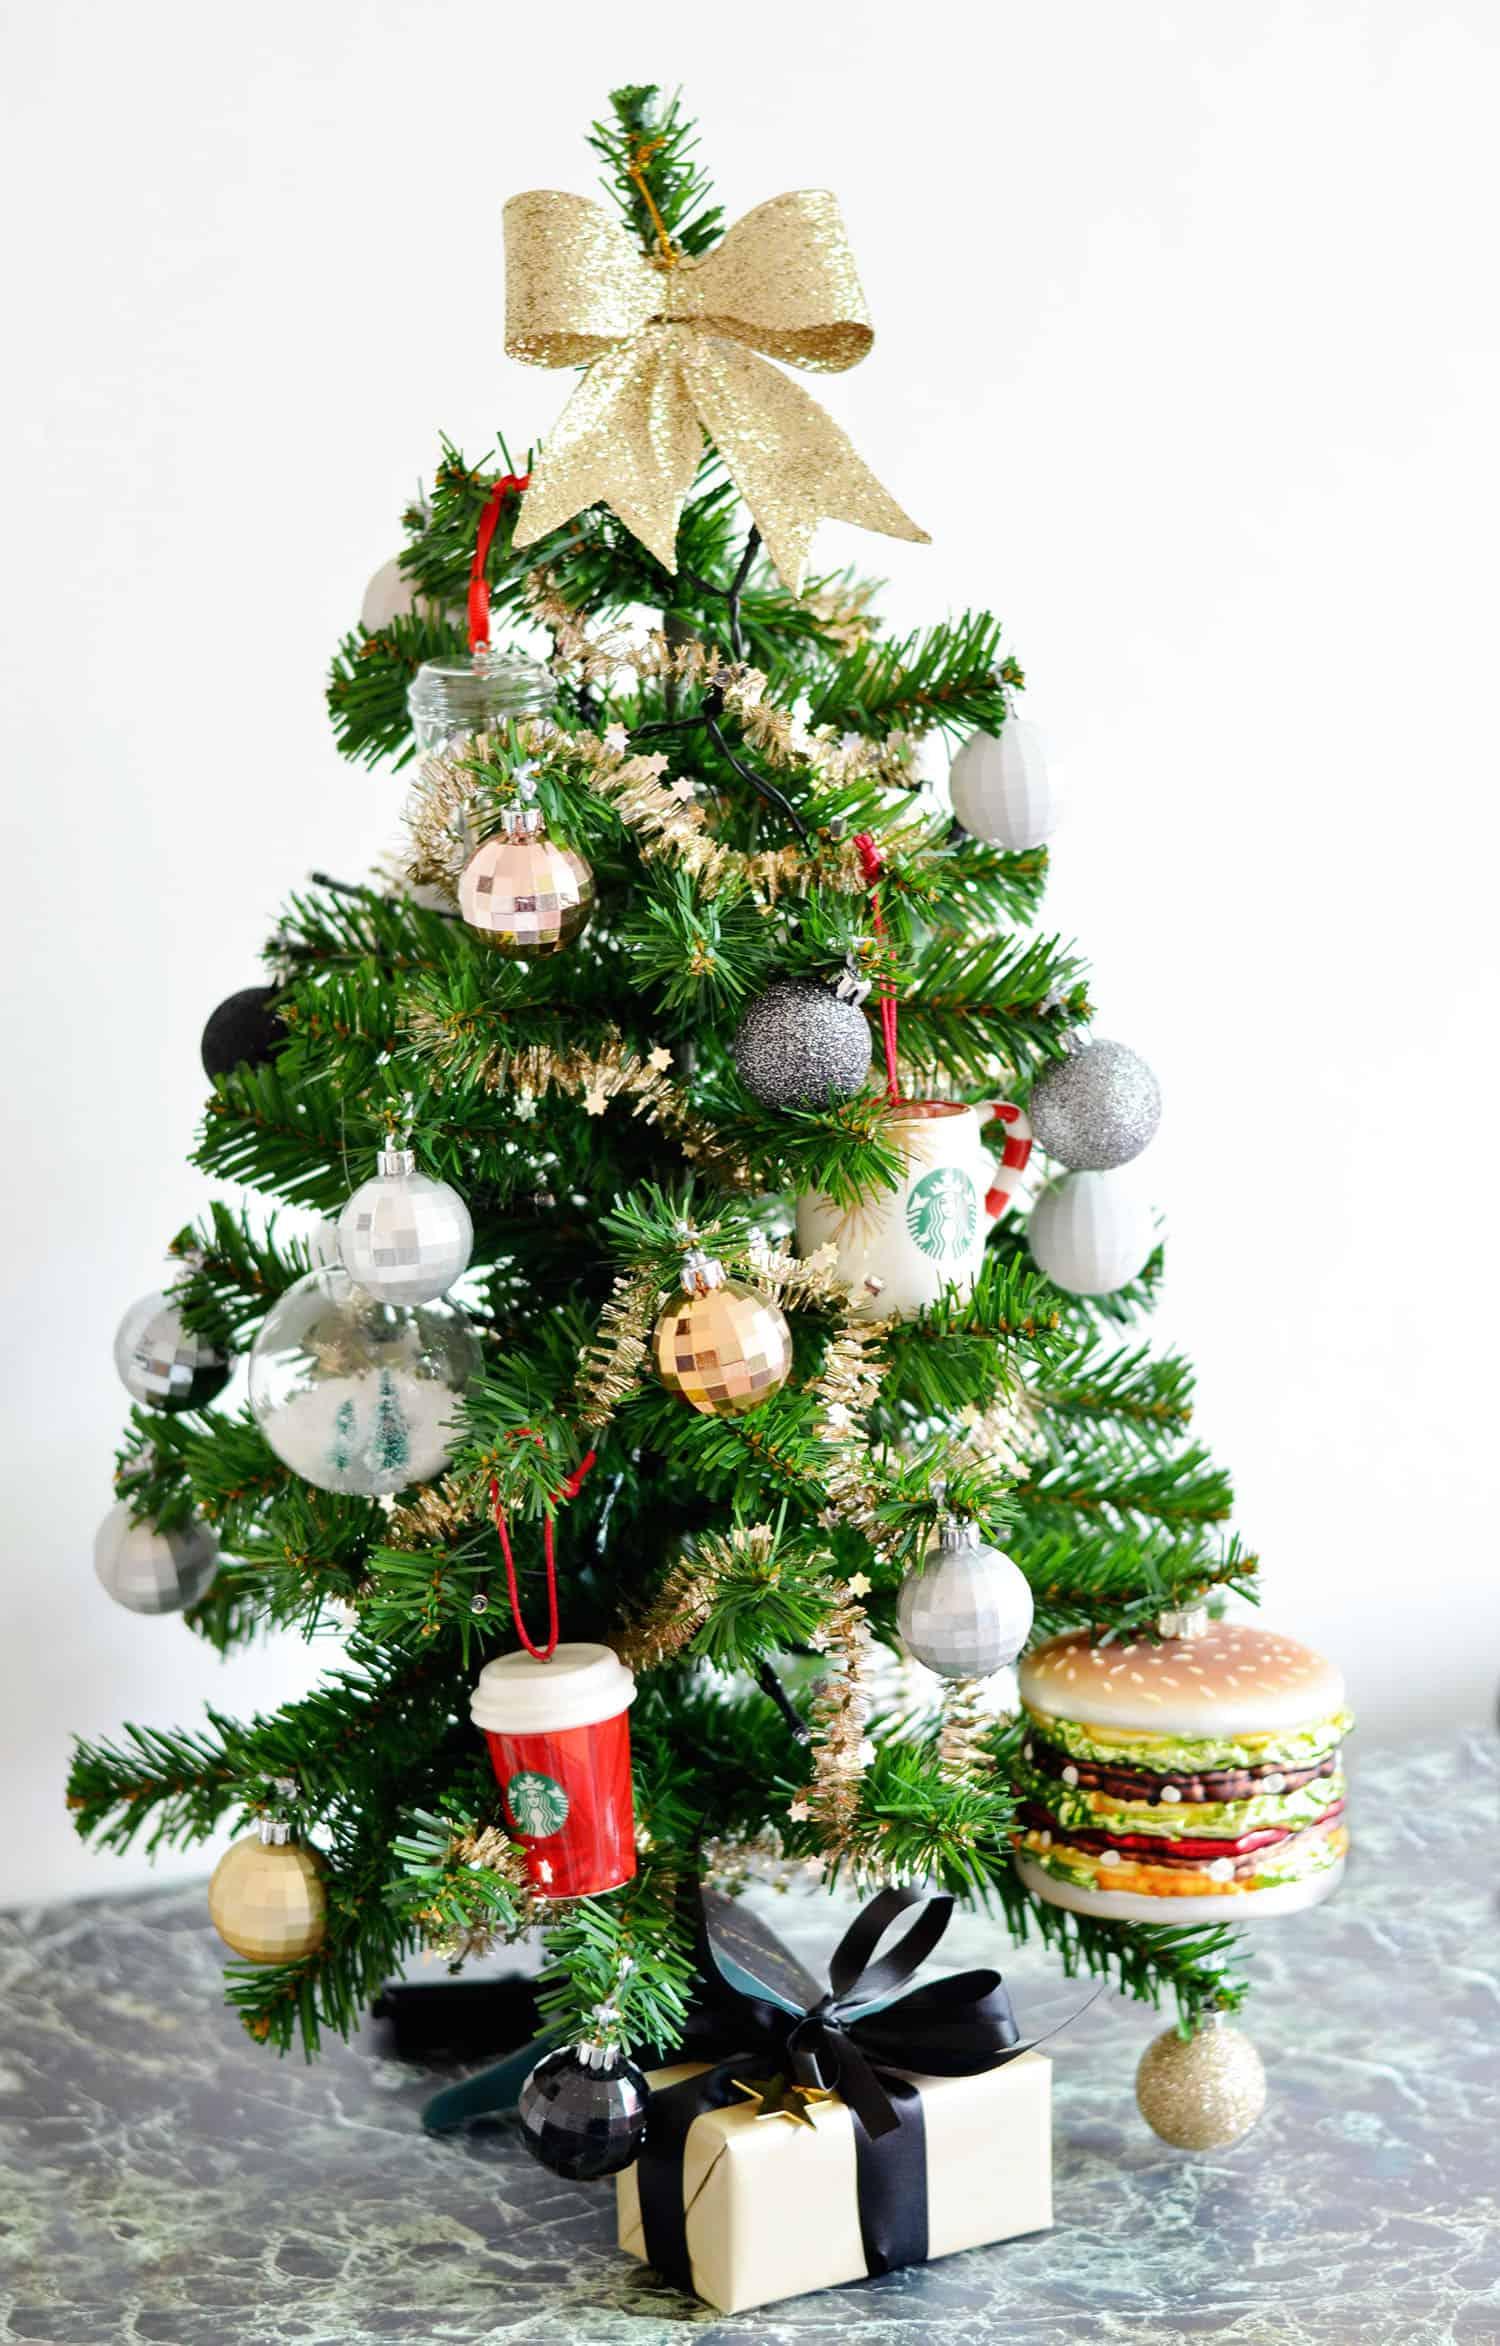 Het kerst lijstje: recepten, cadeau inspiratie, kerstmuziek en meer!